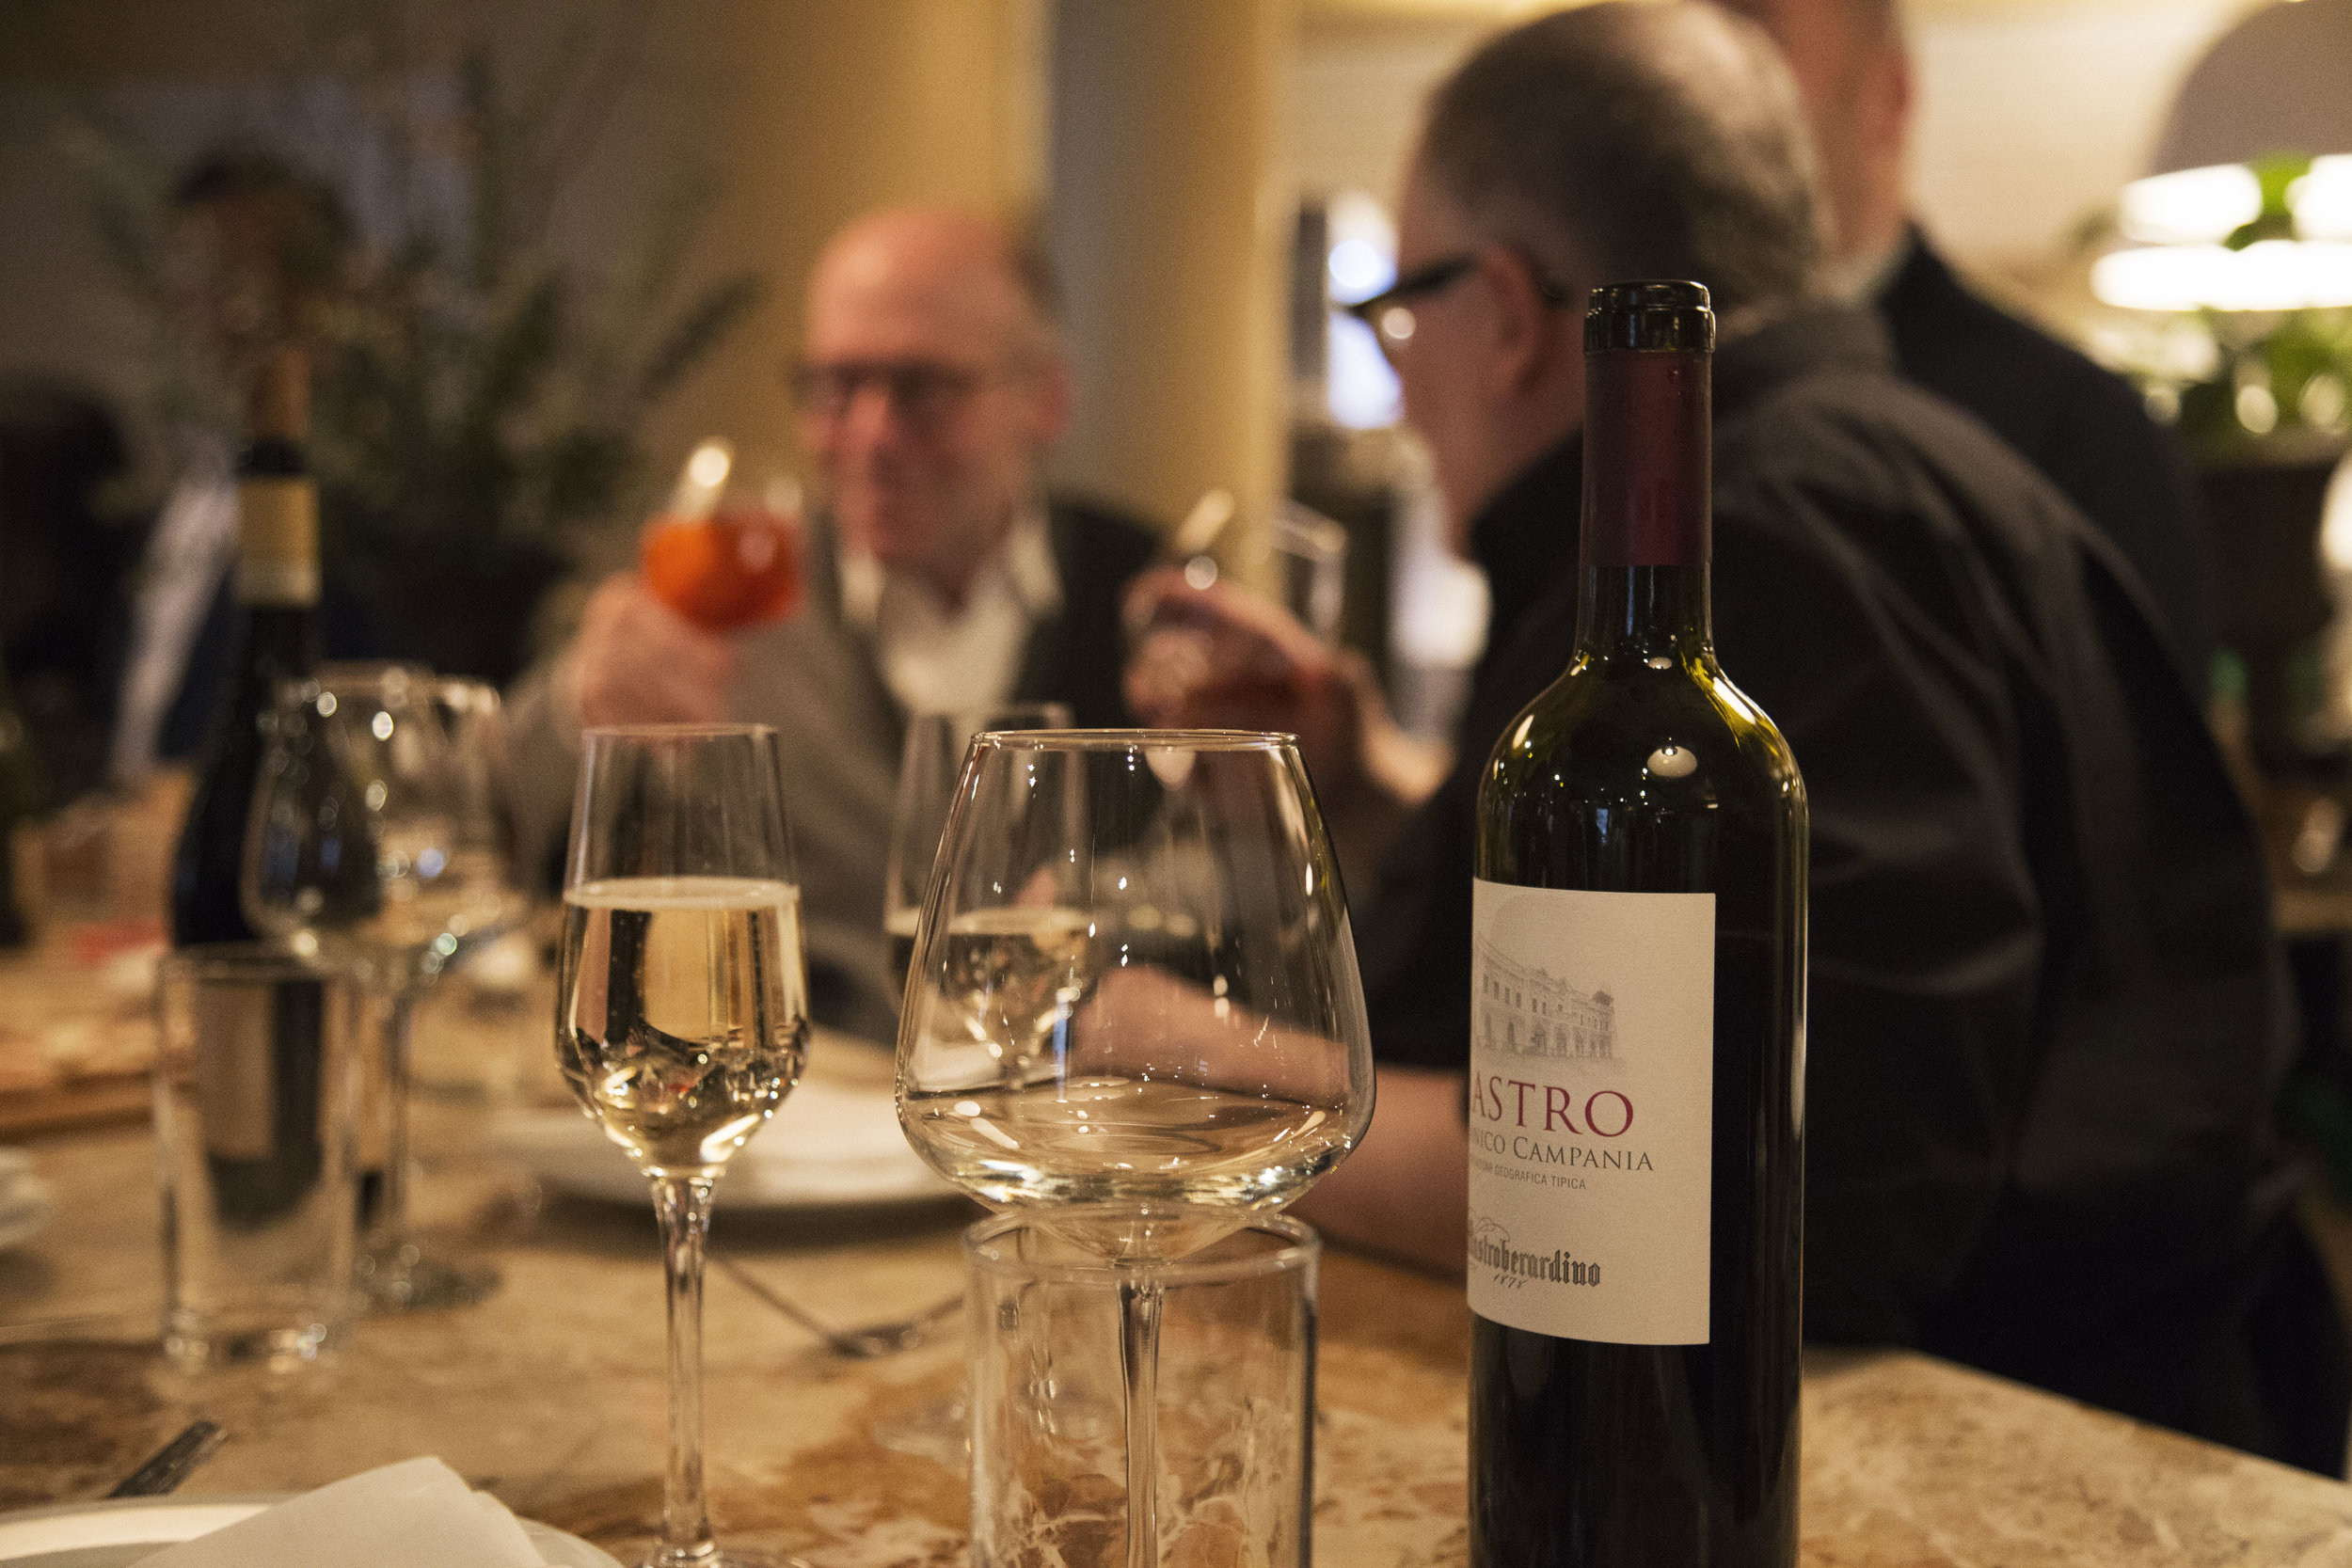 Wineandglasses.jpg